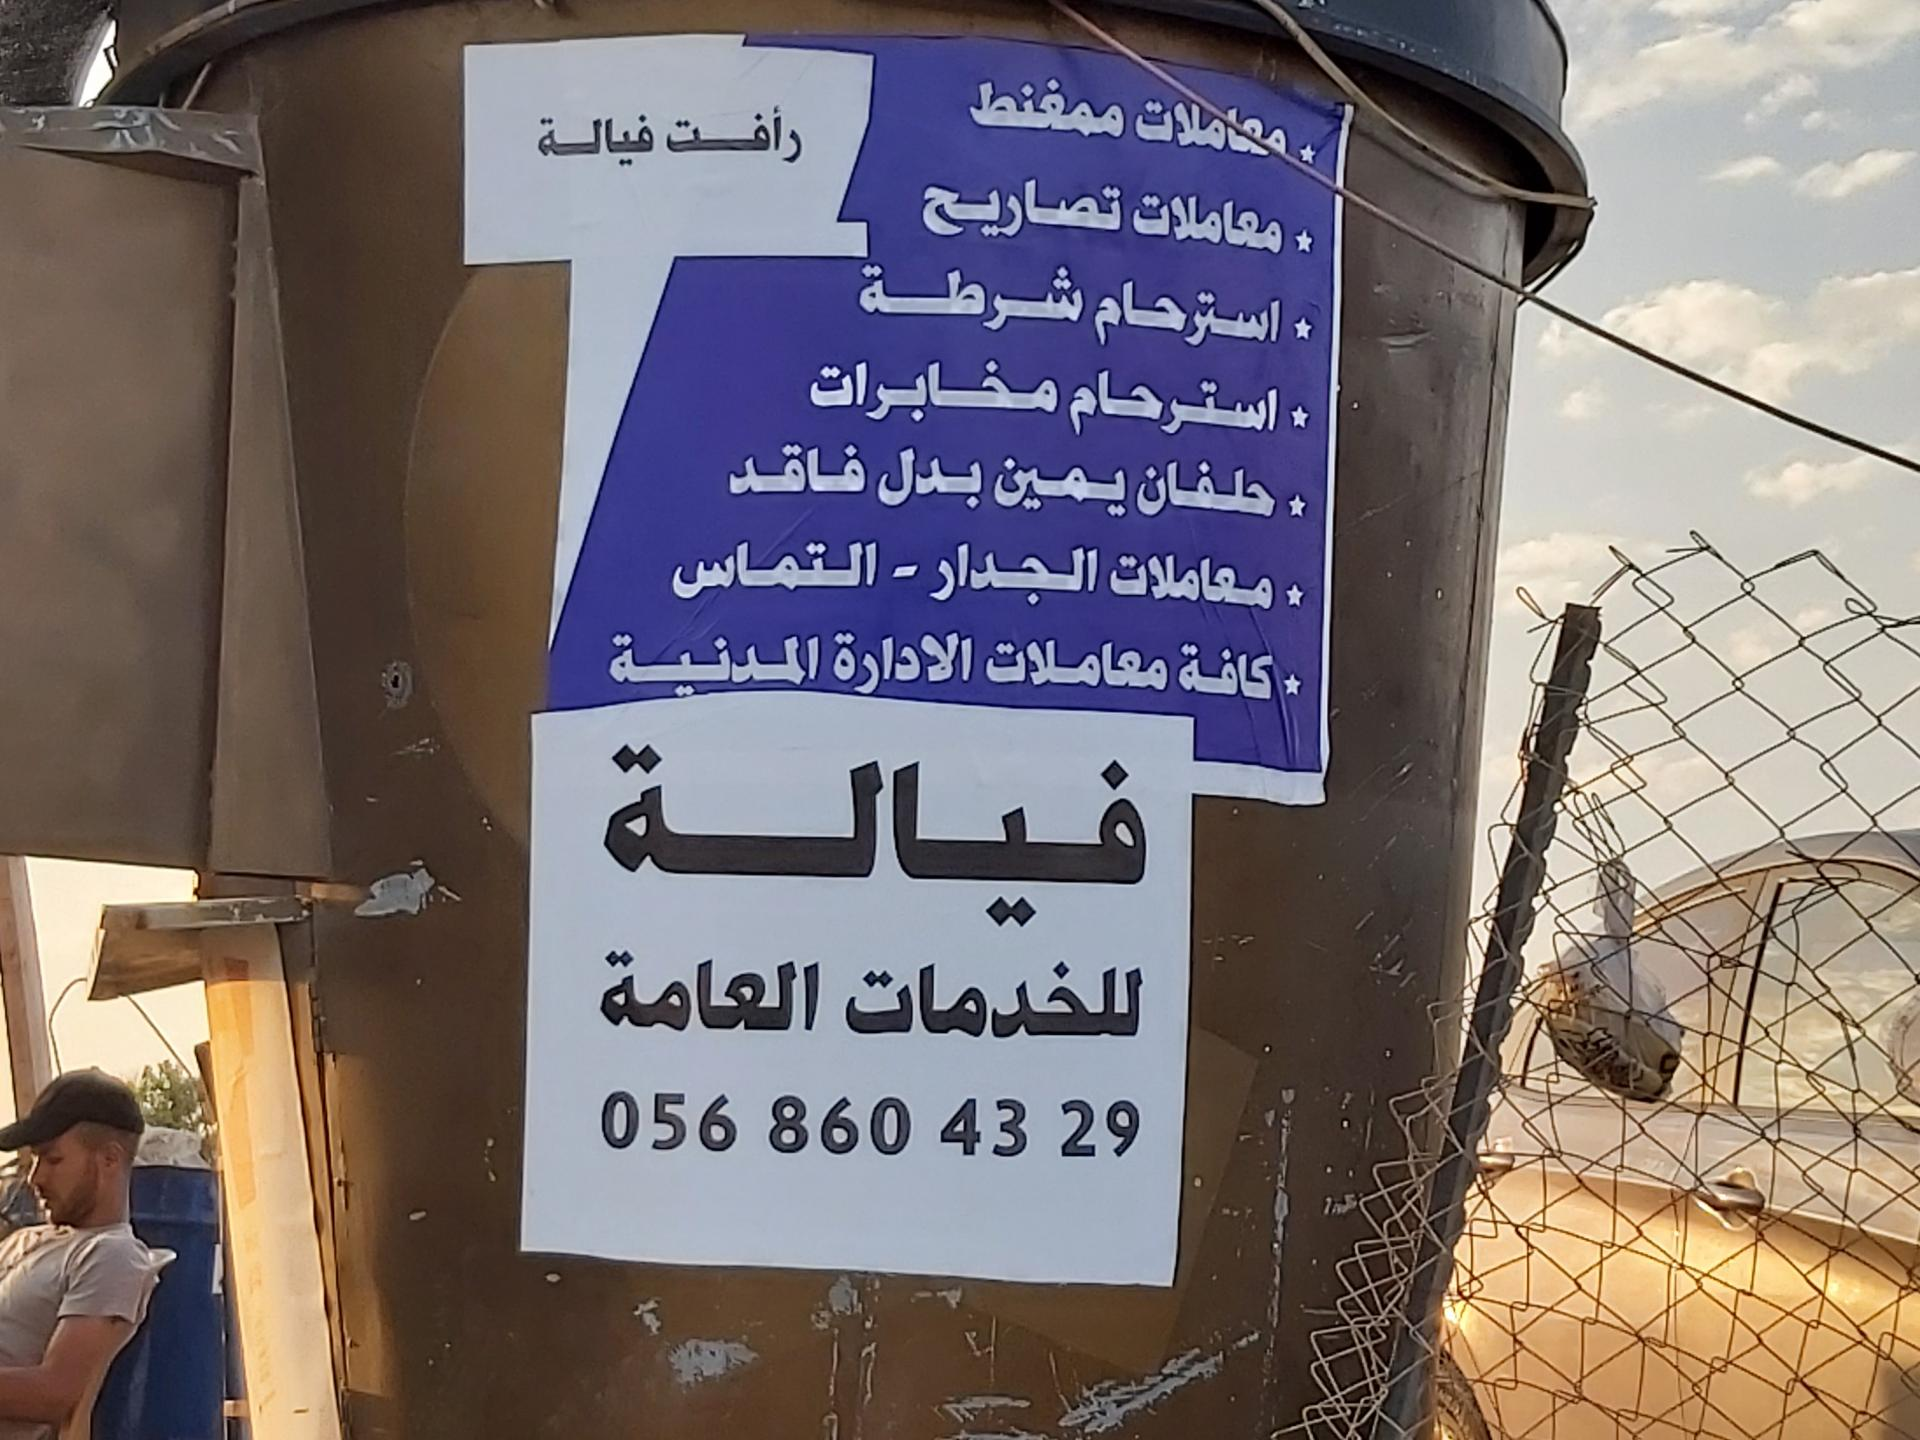 שלט חדש המציע שירותי משרד מול המתק